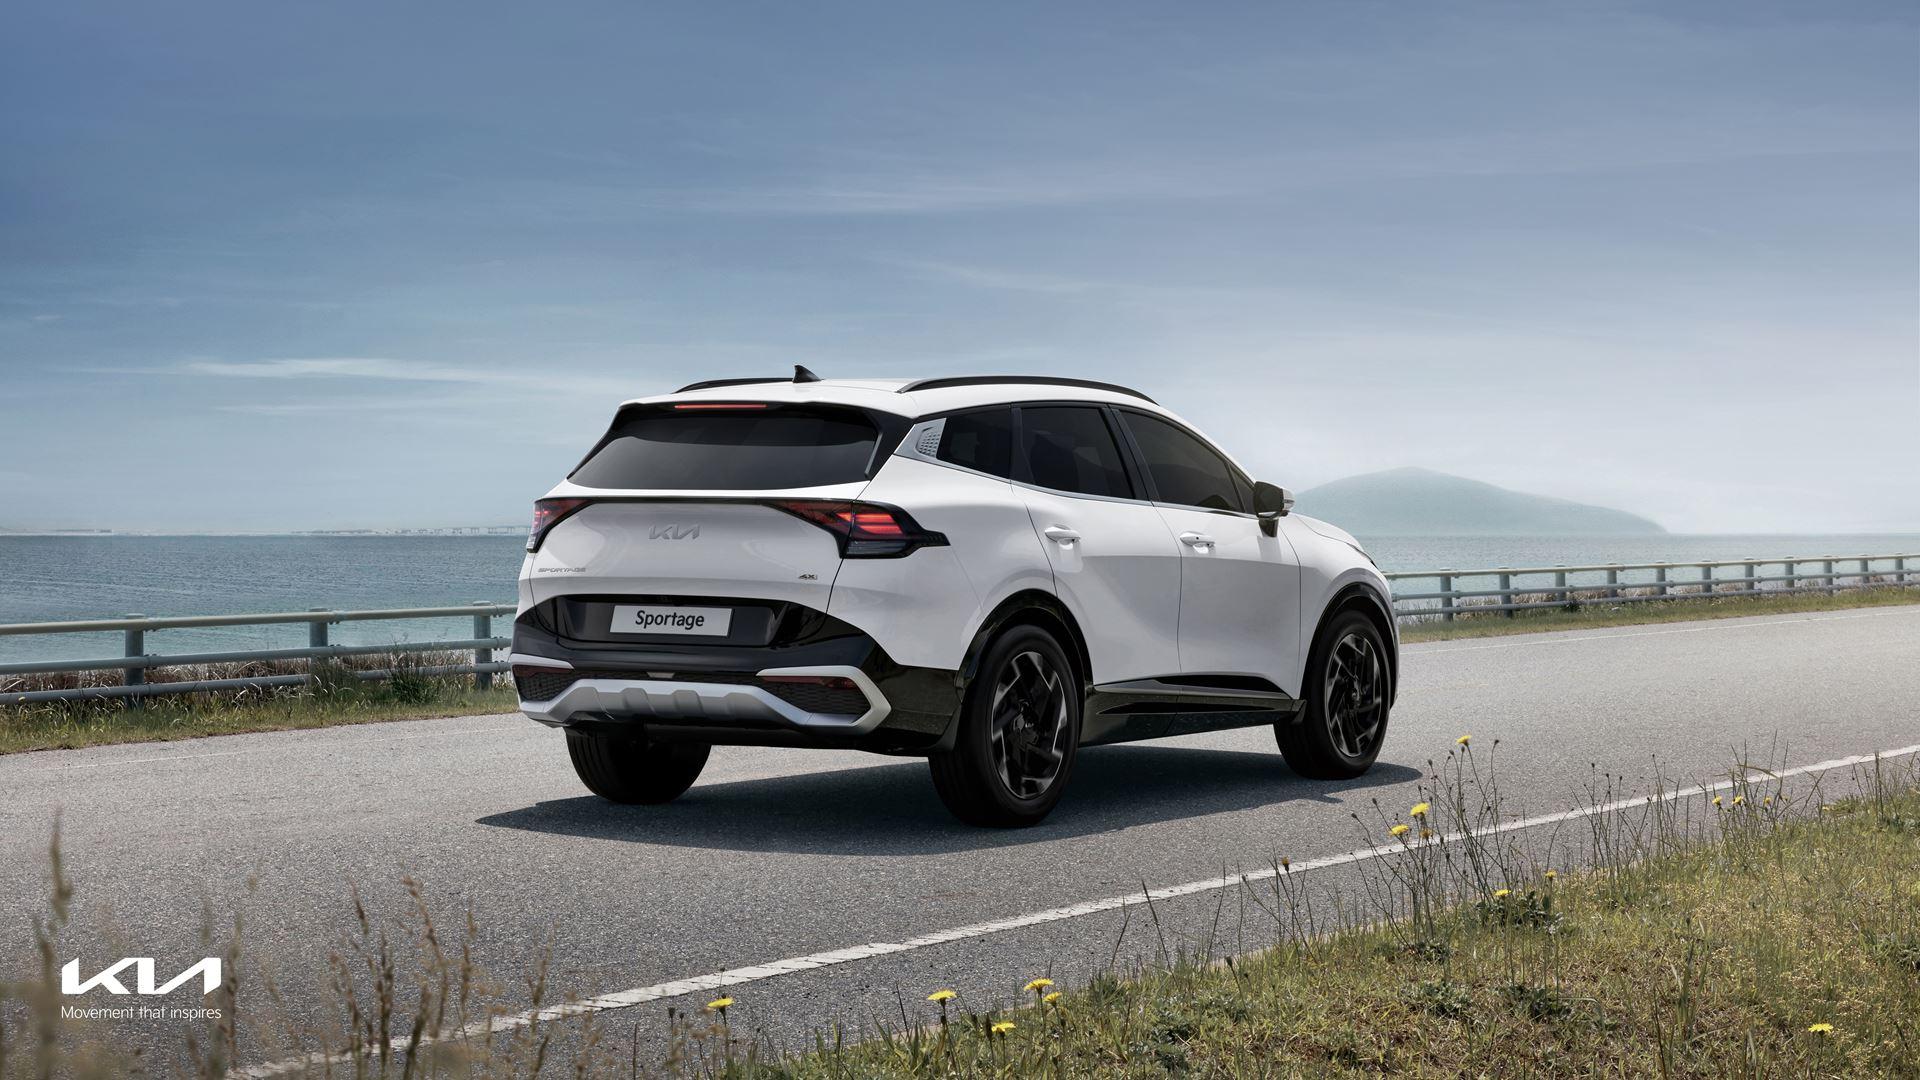 Kia presents all-new Sportage, the ultimate urban SUV - Image 3